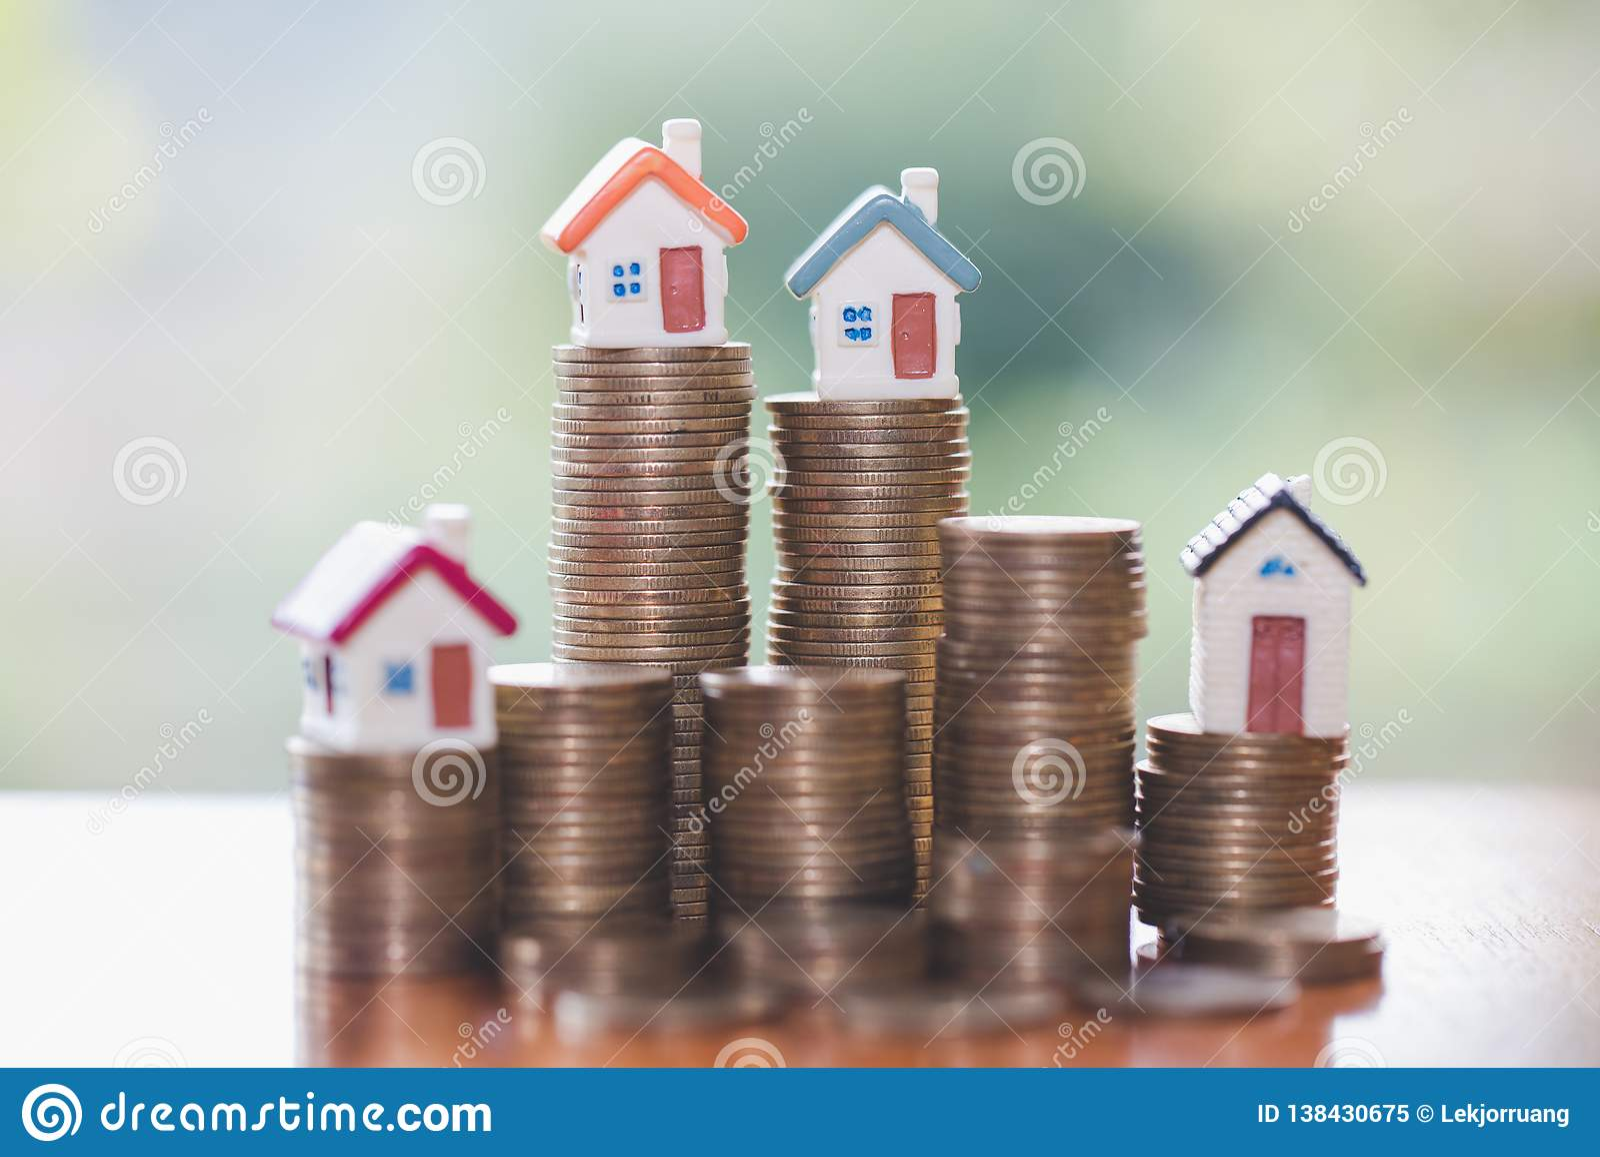 A mini casa na pilha de moedas, organismos de investimento imobiliário, salvar o dinheiro com investimento da moeda da pilha, do